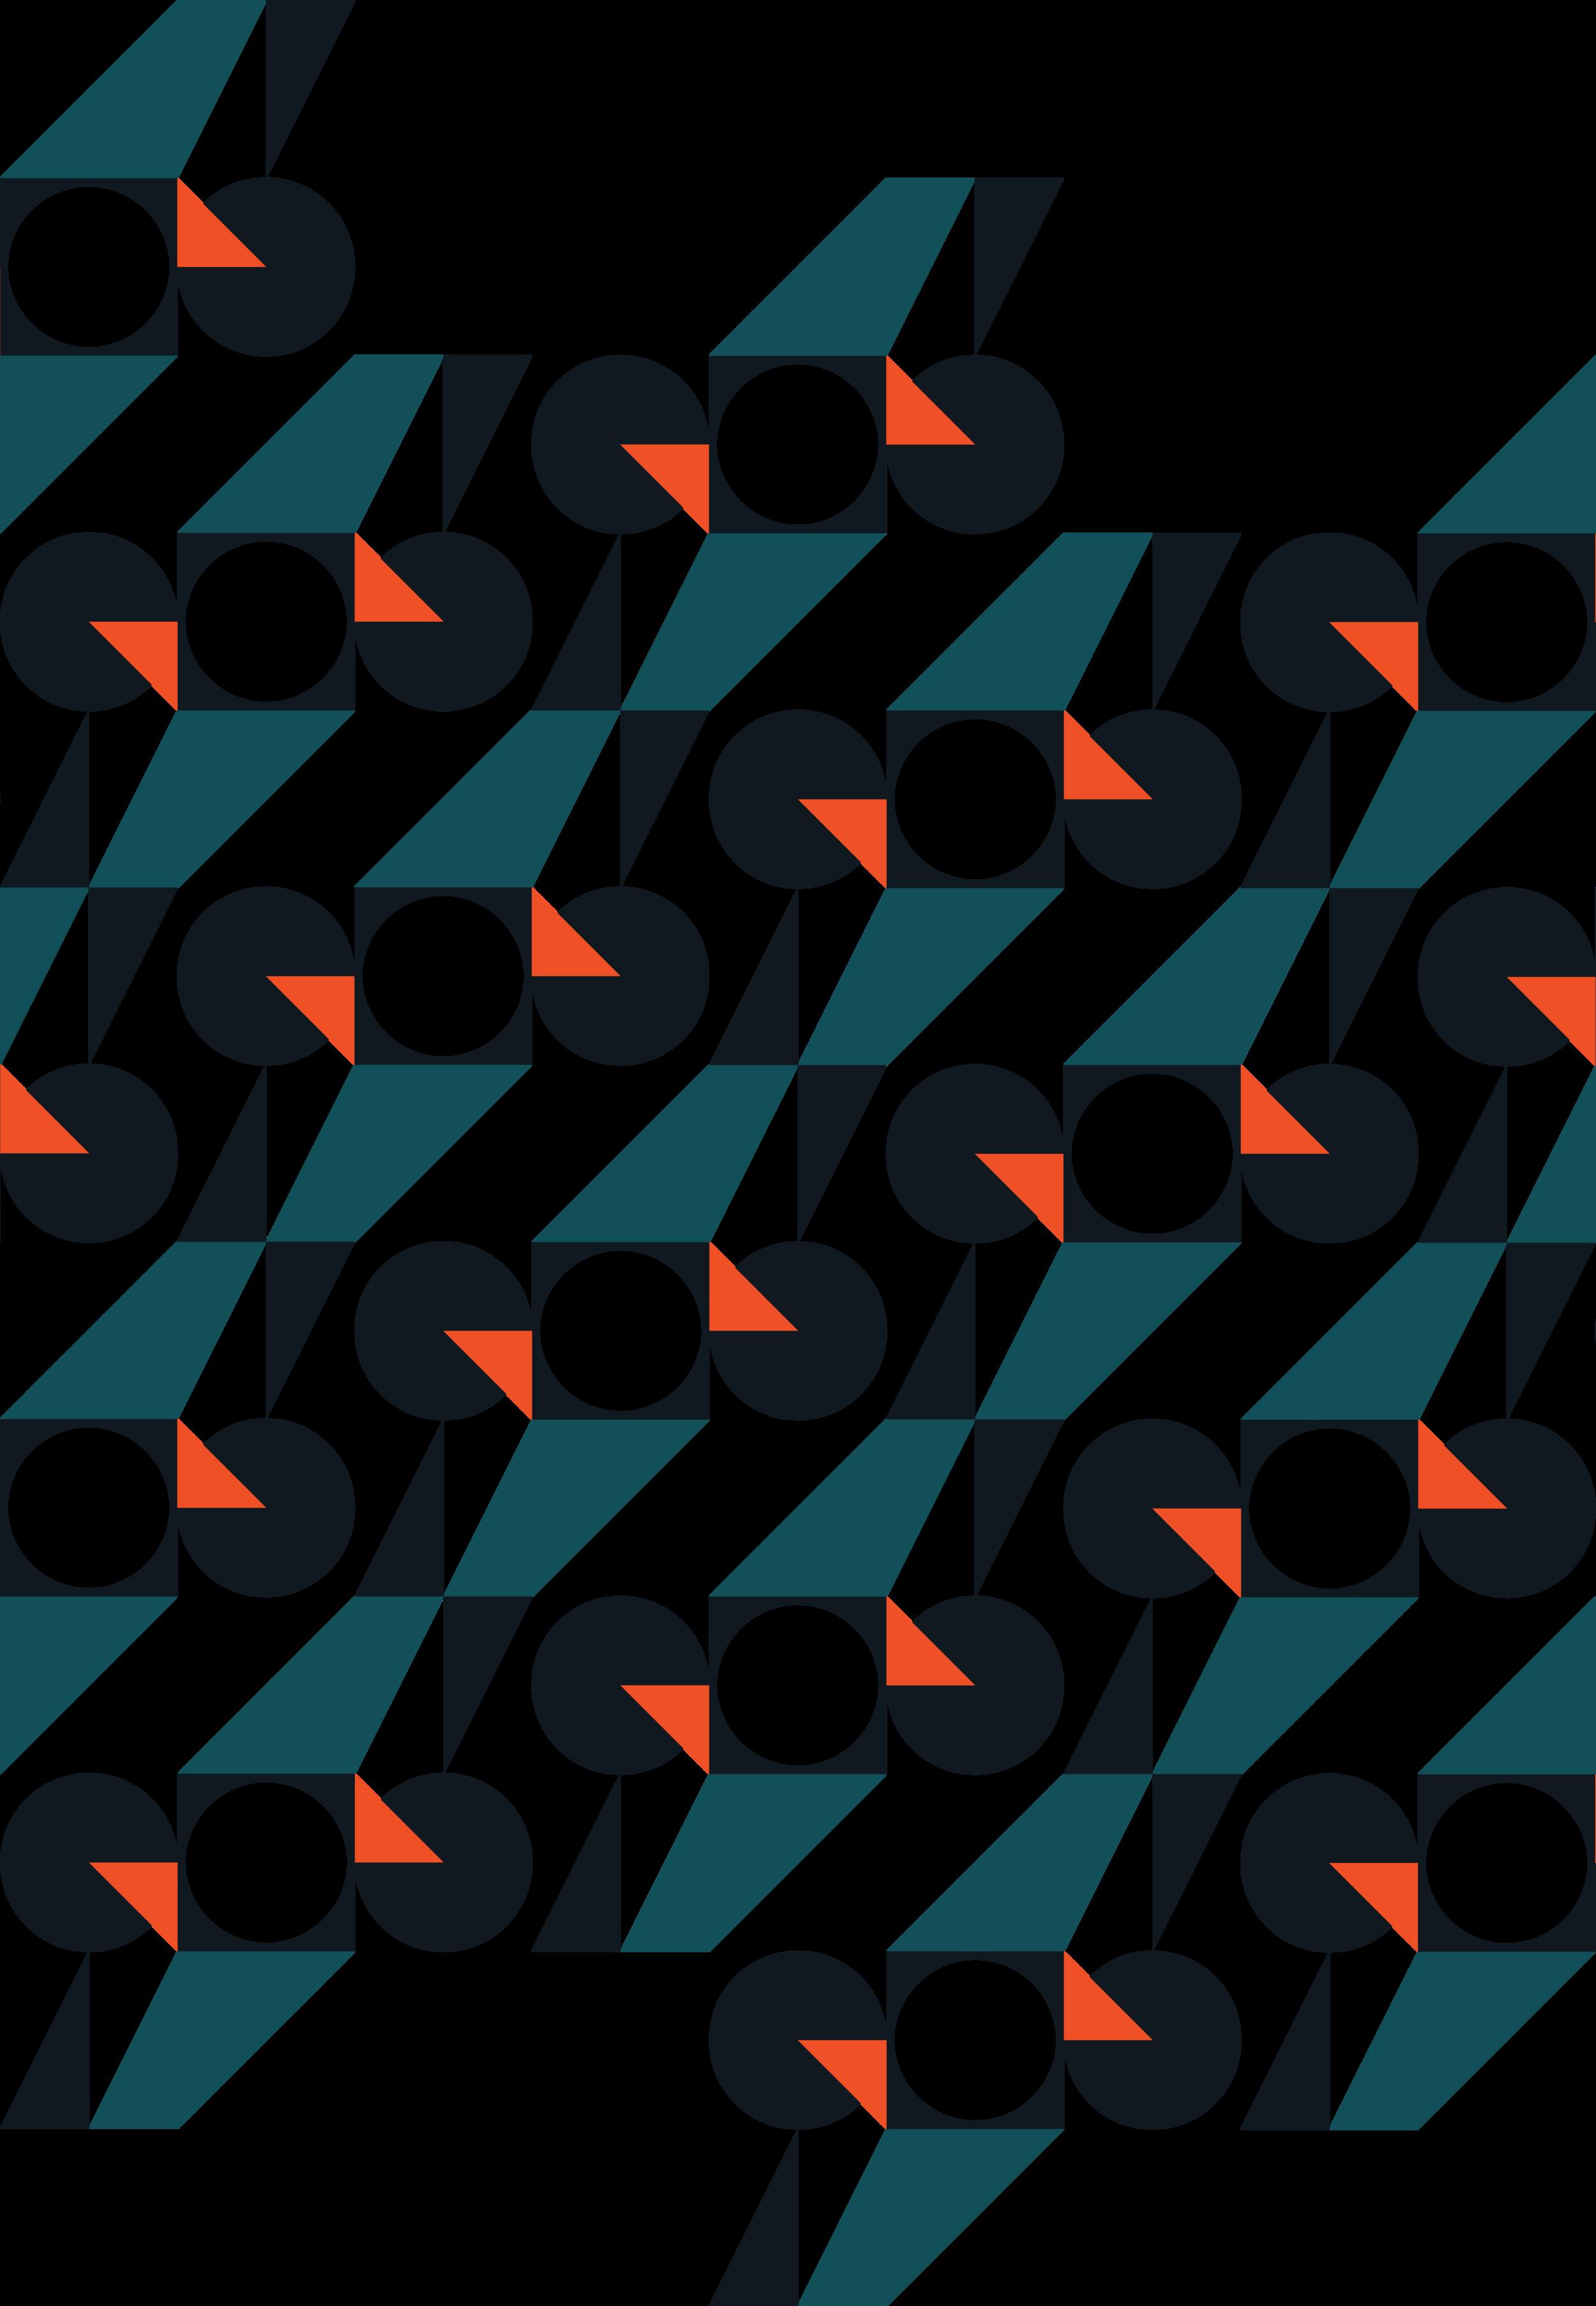 GOWF Pattern